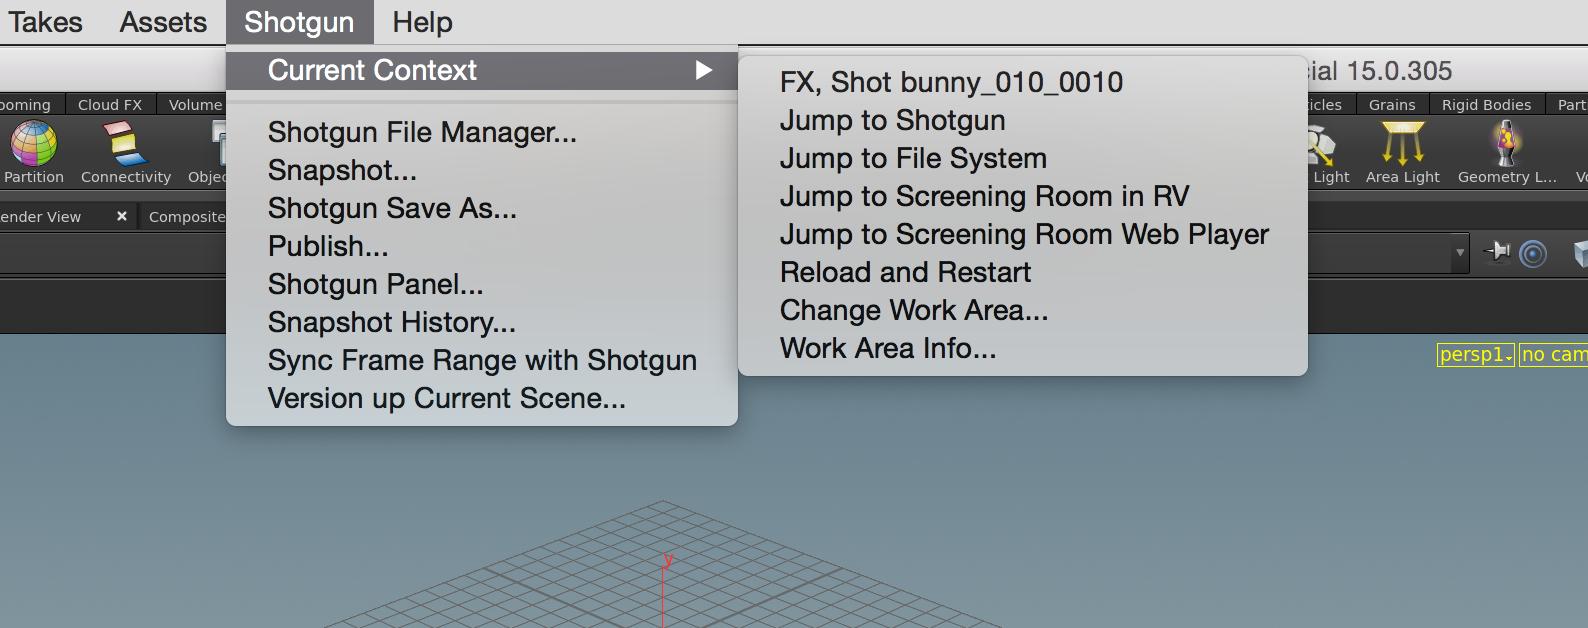 Shotgun menu